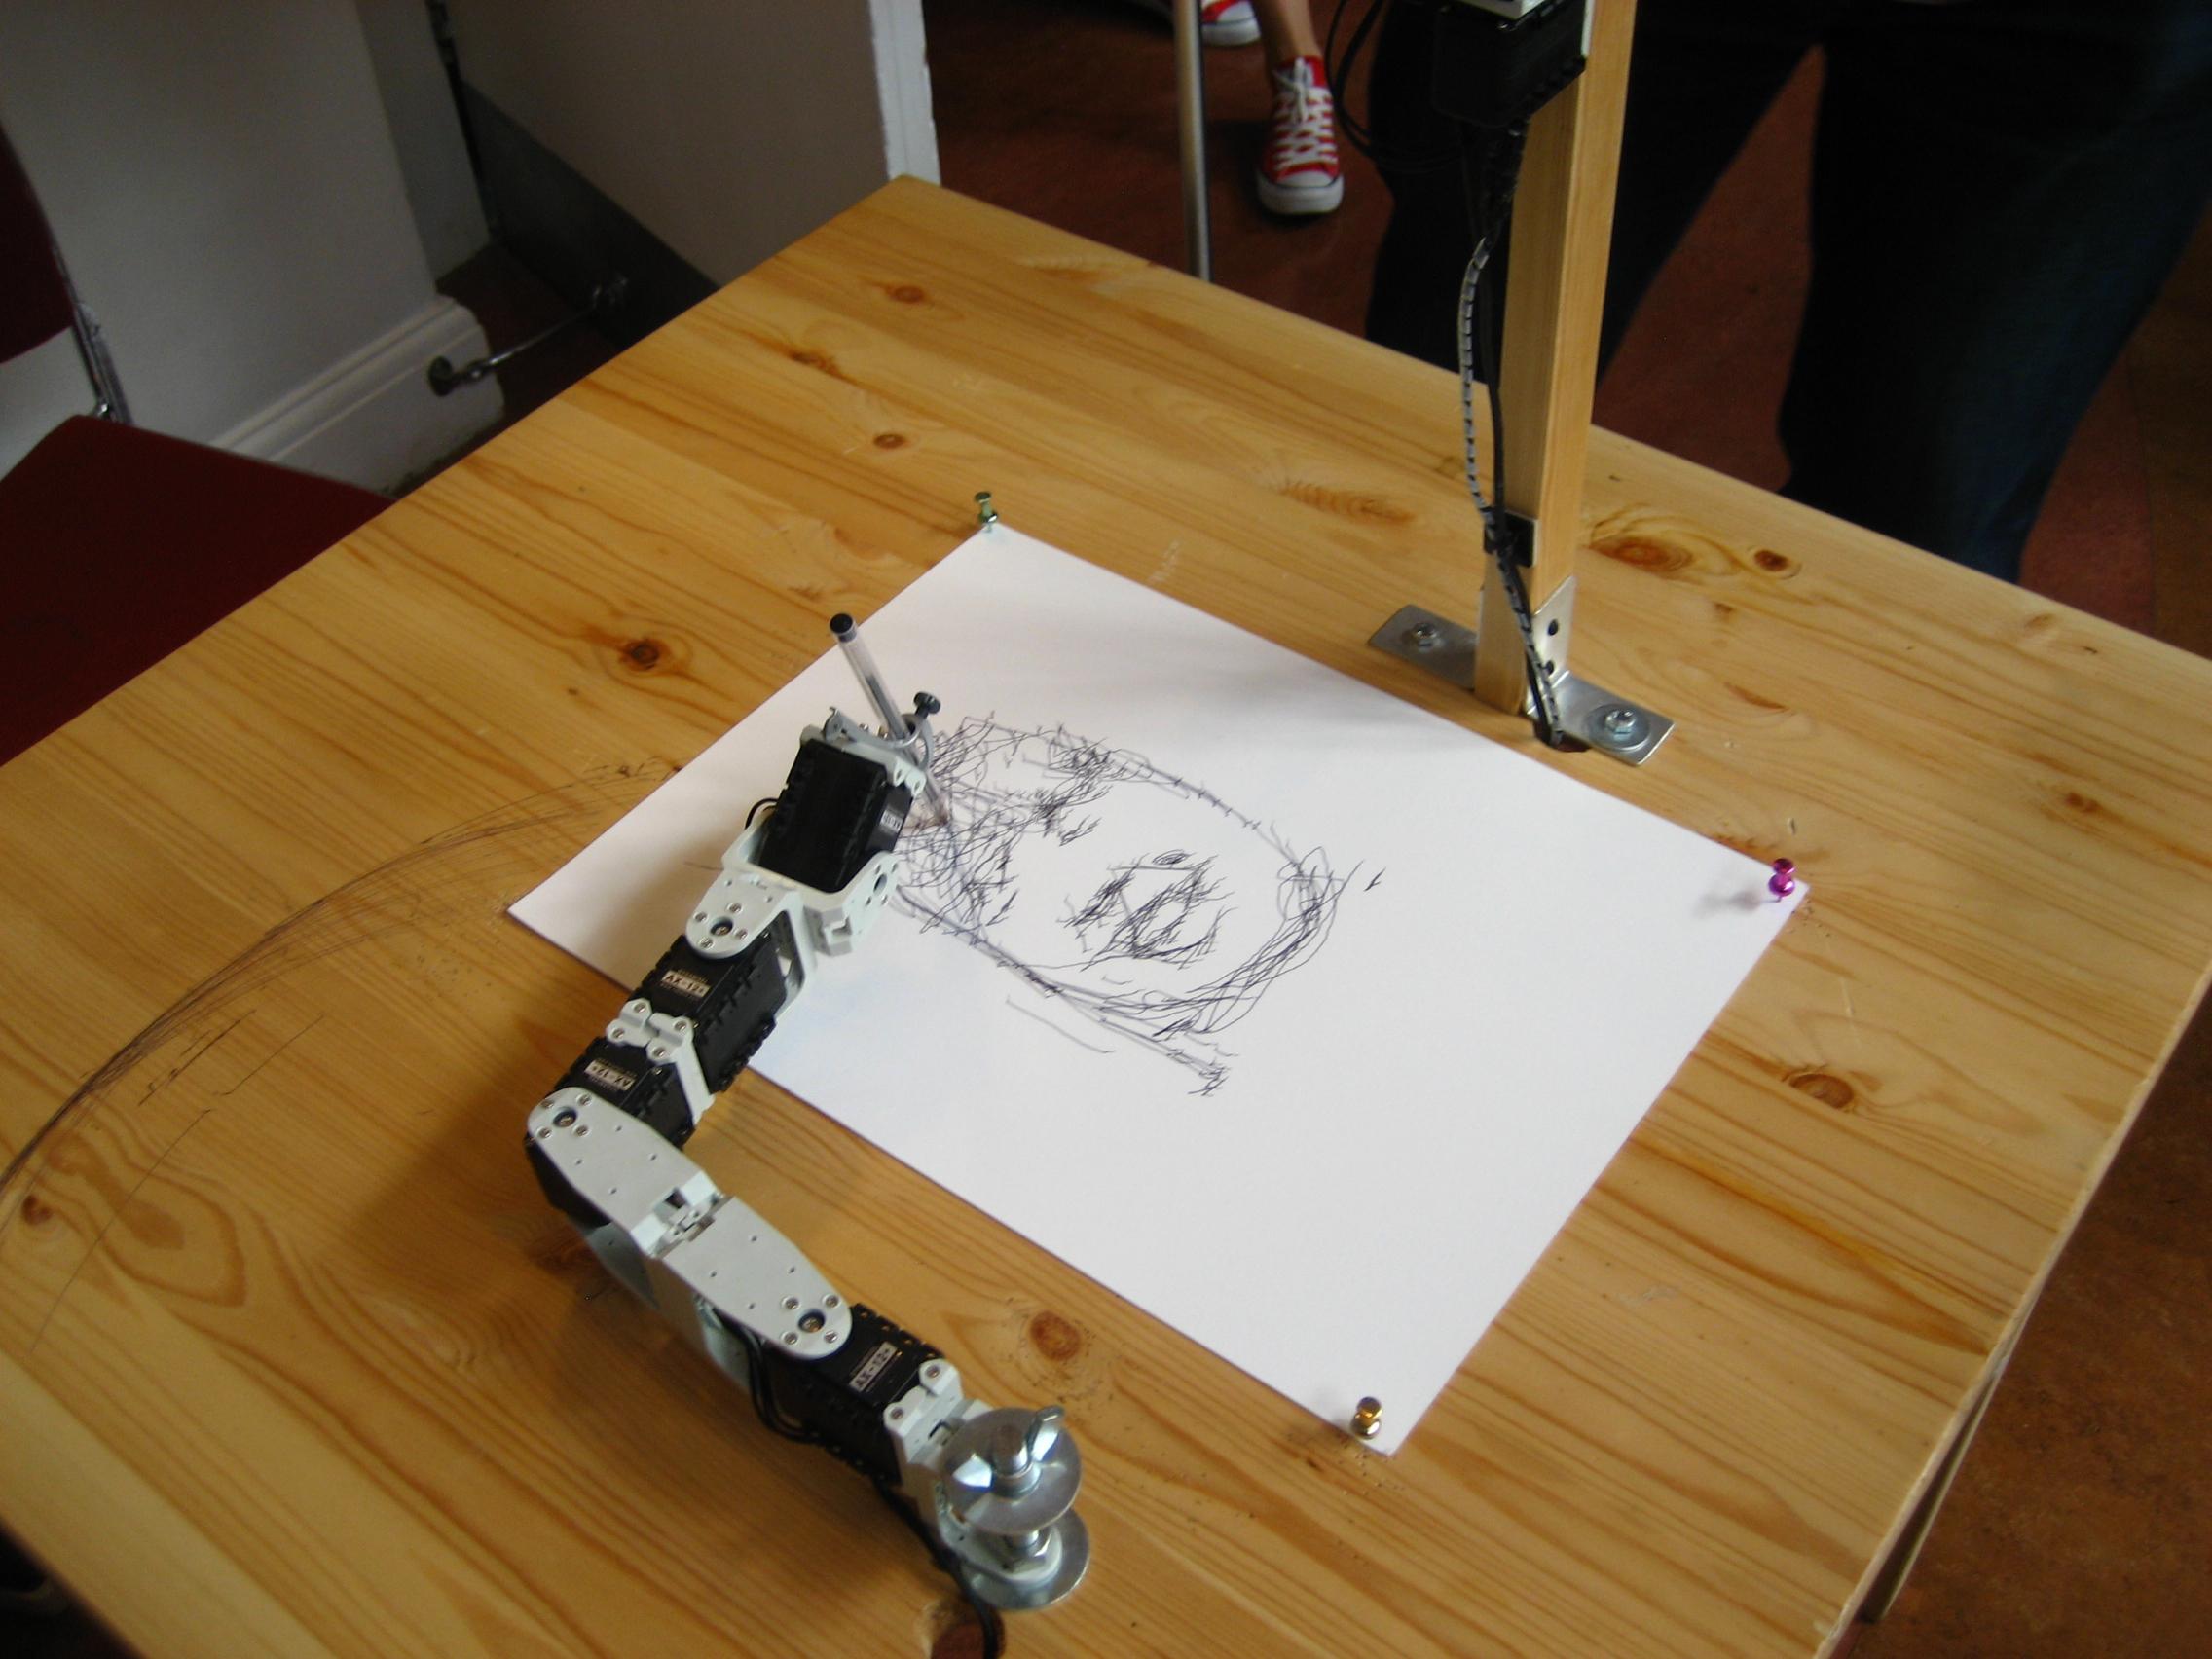 2272x1704 Filerobot Drawing